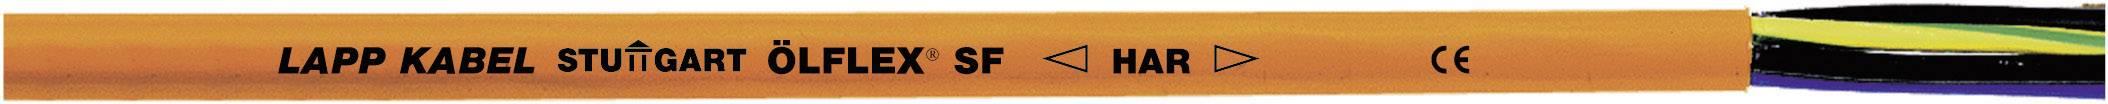 Připojovací kabel LappKabel ÖLFLEX® SF, 0027591, 3 G 0.75 mm², oranžová, 500 m